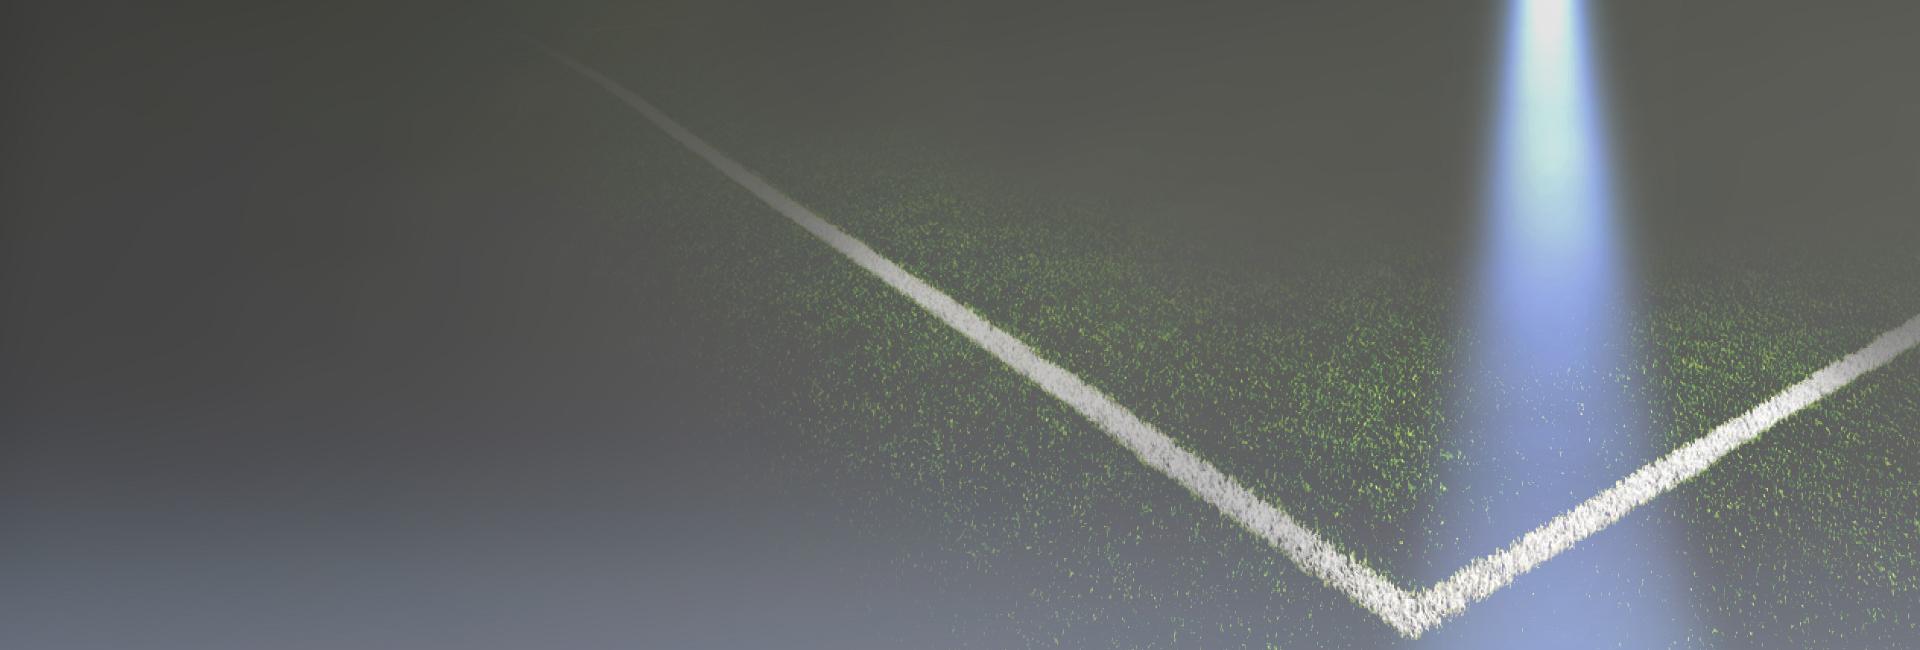 zureck_verlauf_sport